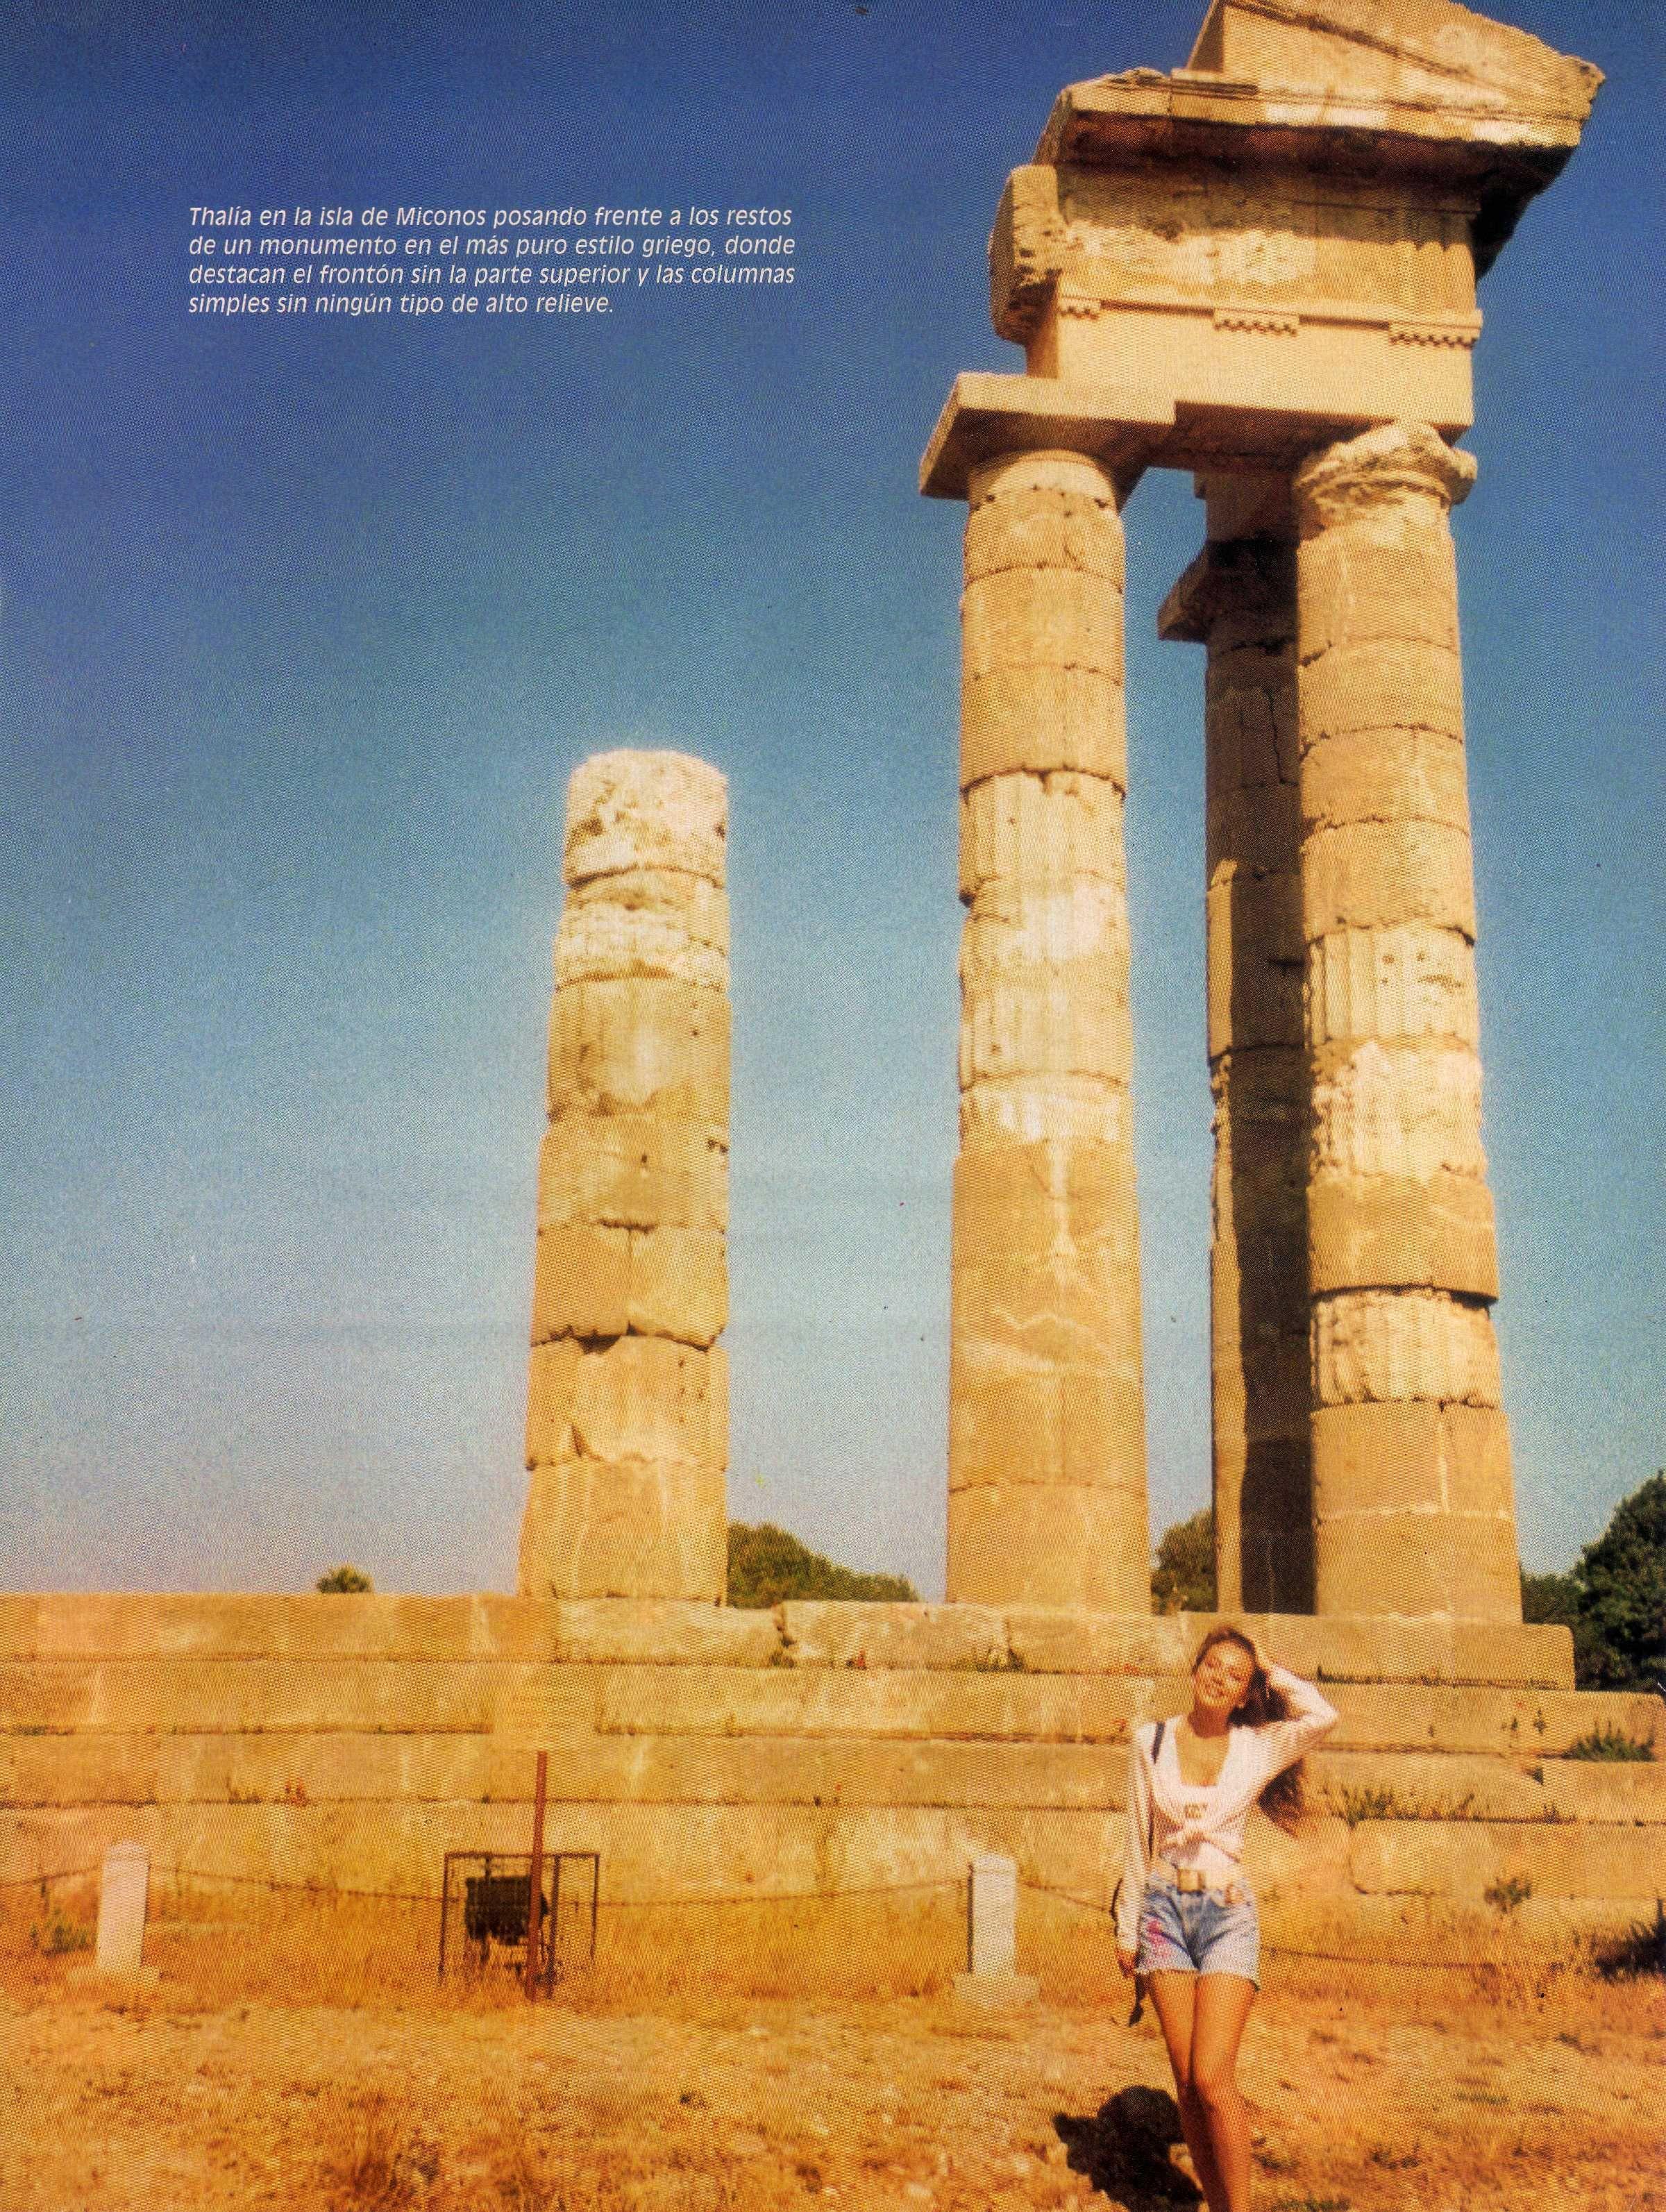 vacaciones de thalia en grecia